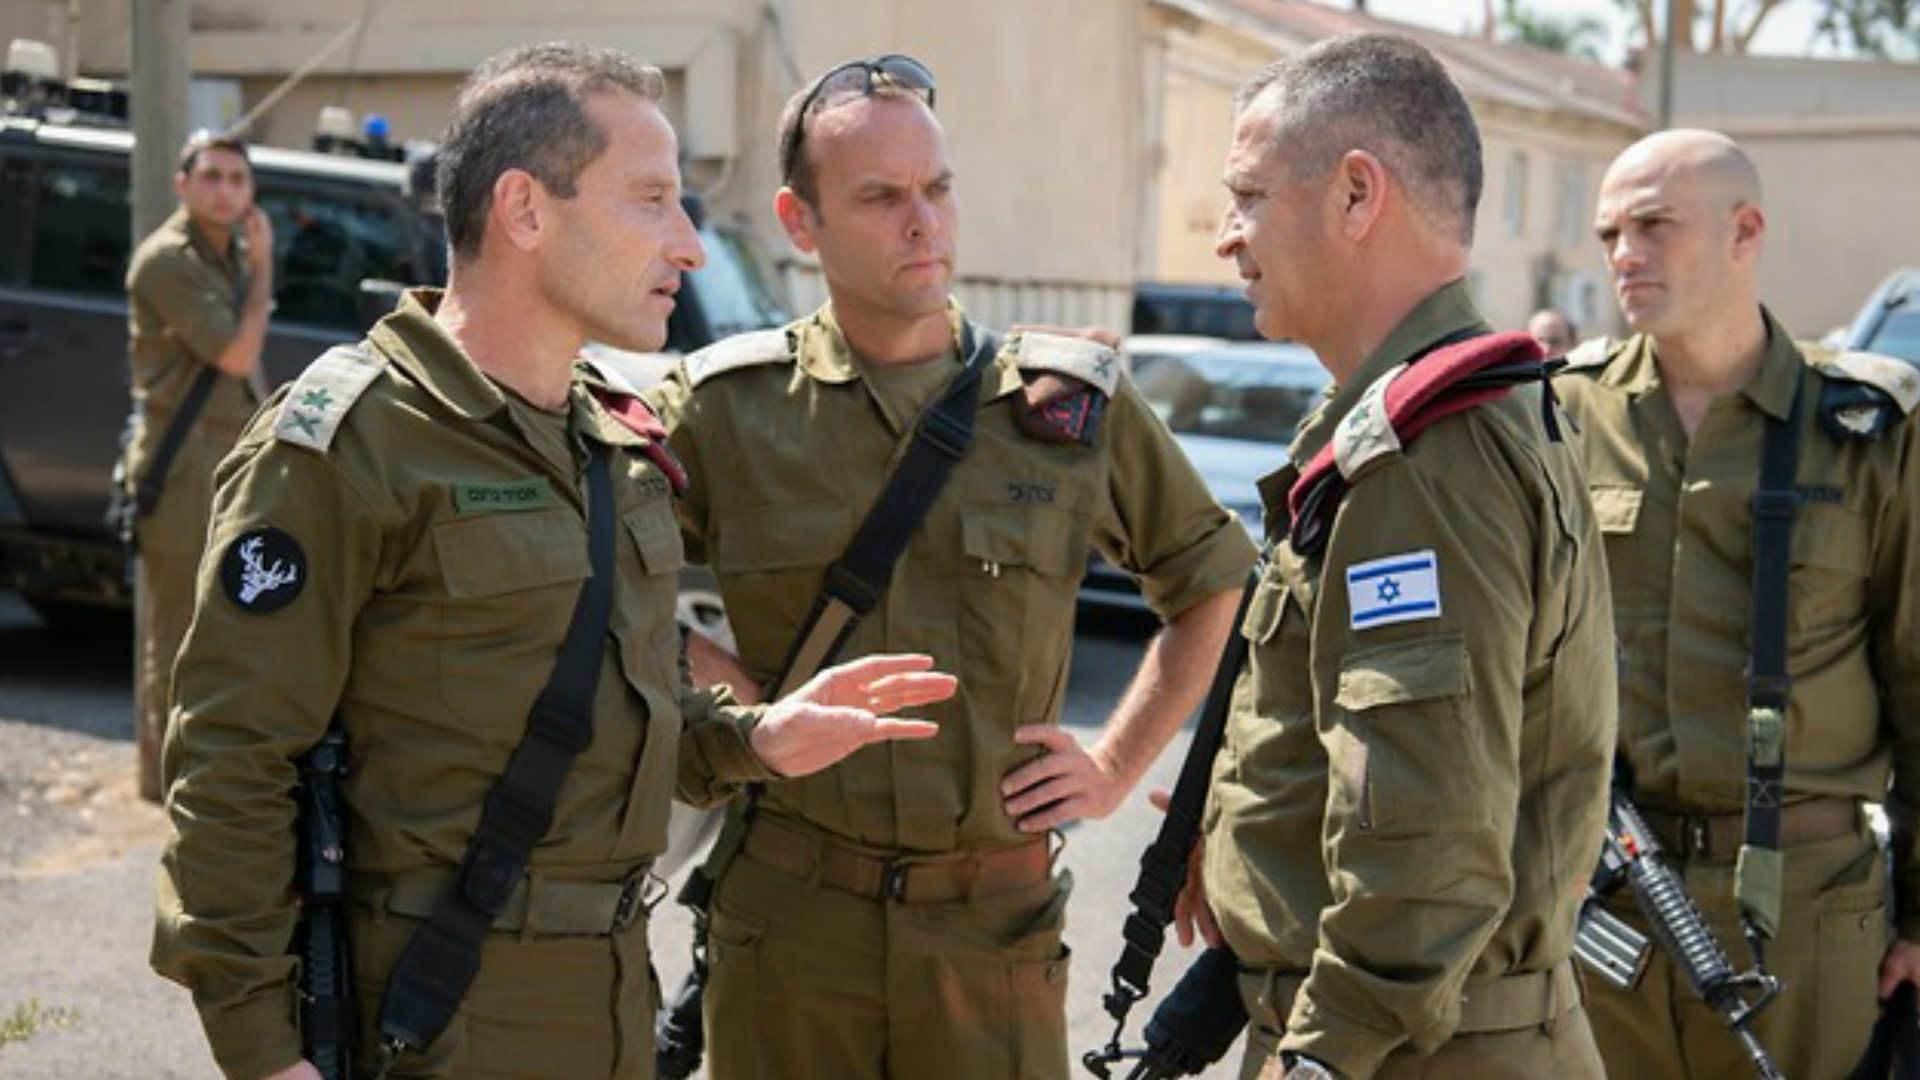 وسائل إعلام إسرائيلية: رئيس الأركان يؤكد على استمرار